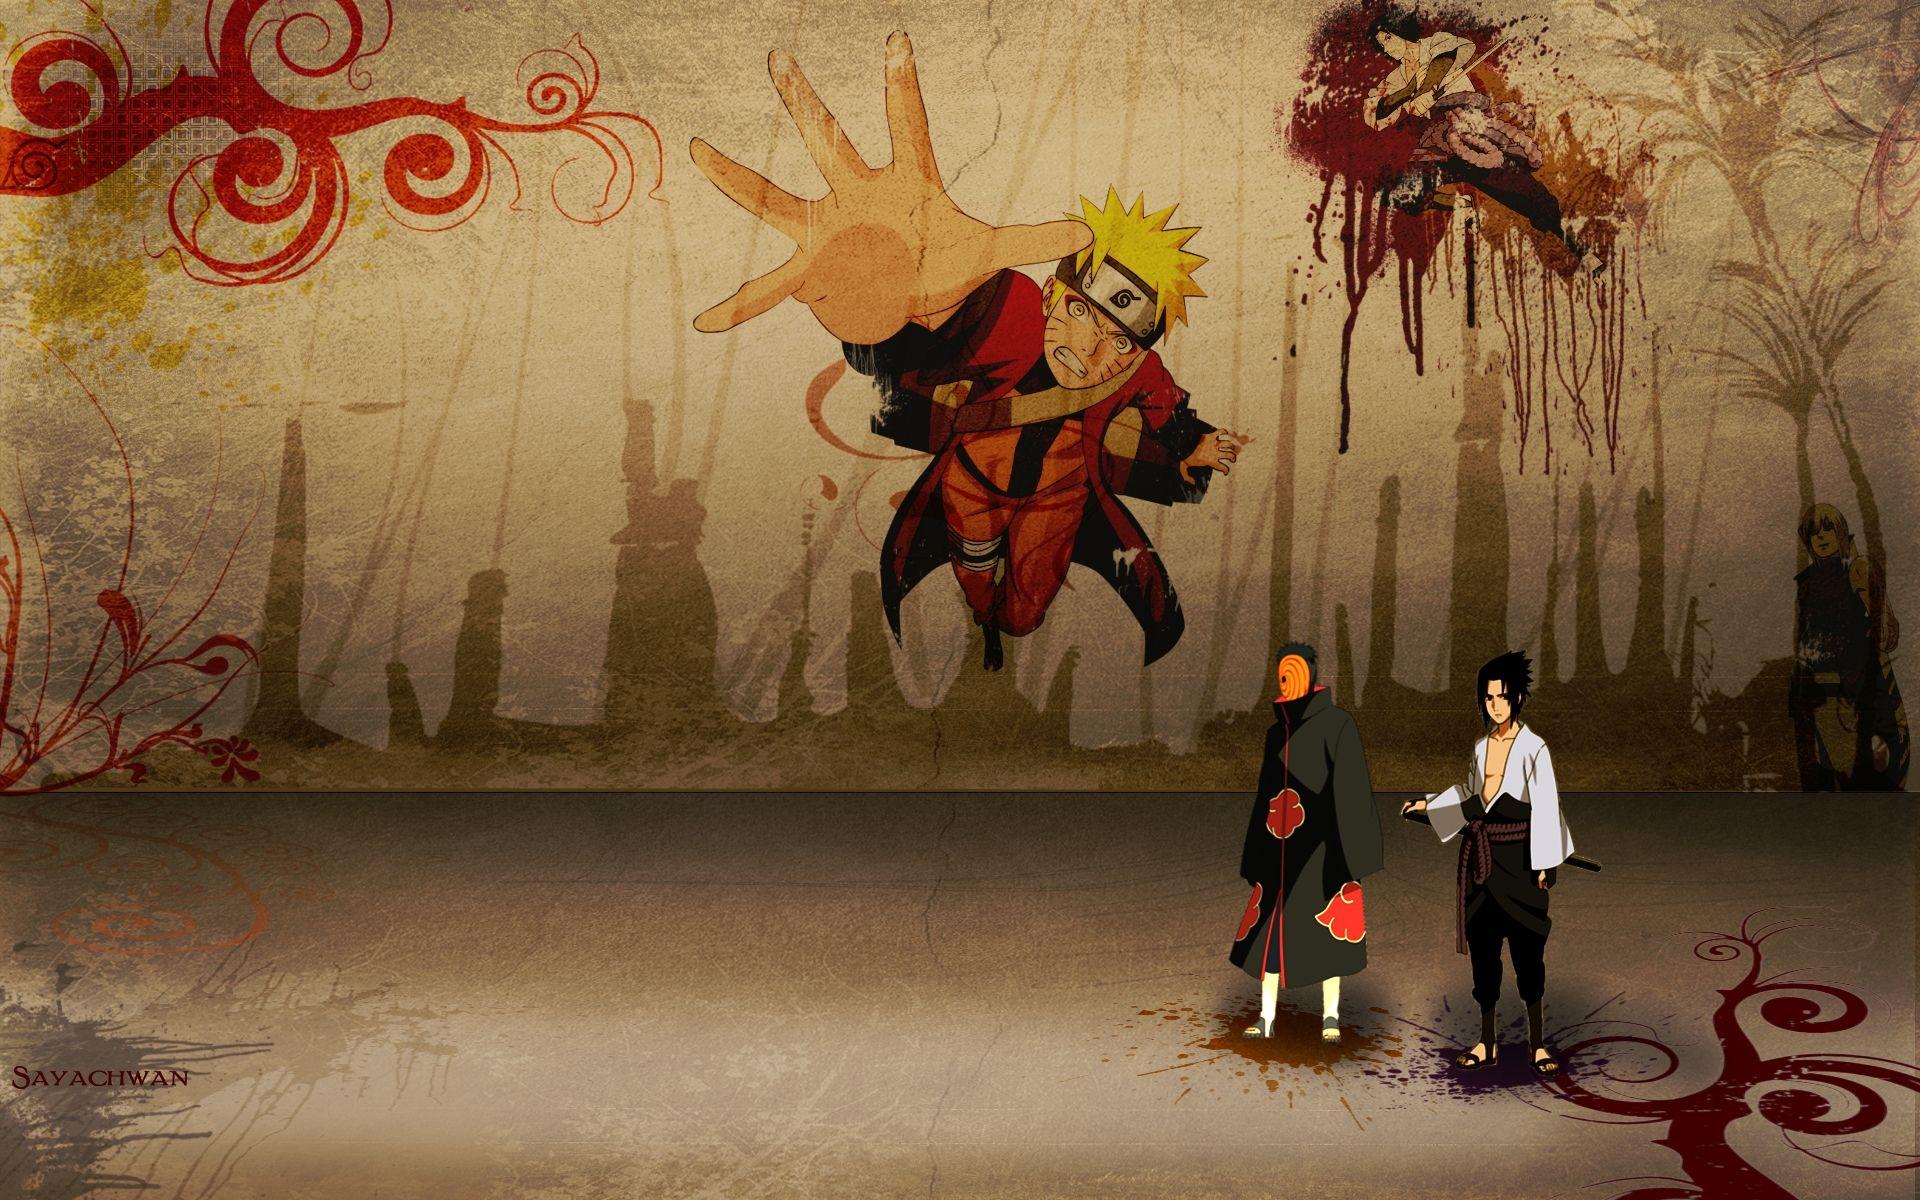 Naruto Wallpaper Hd, Picture